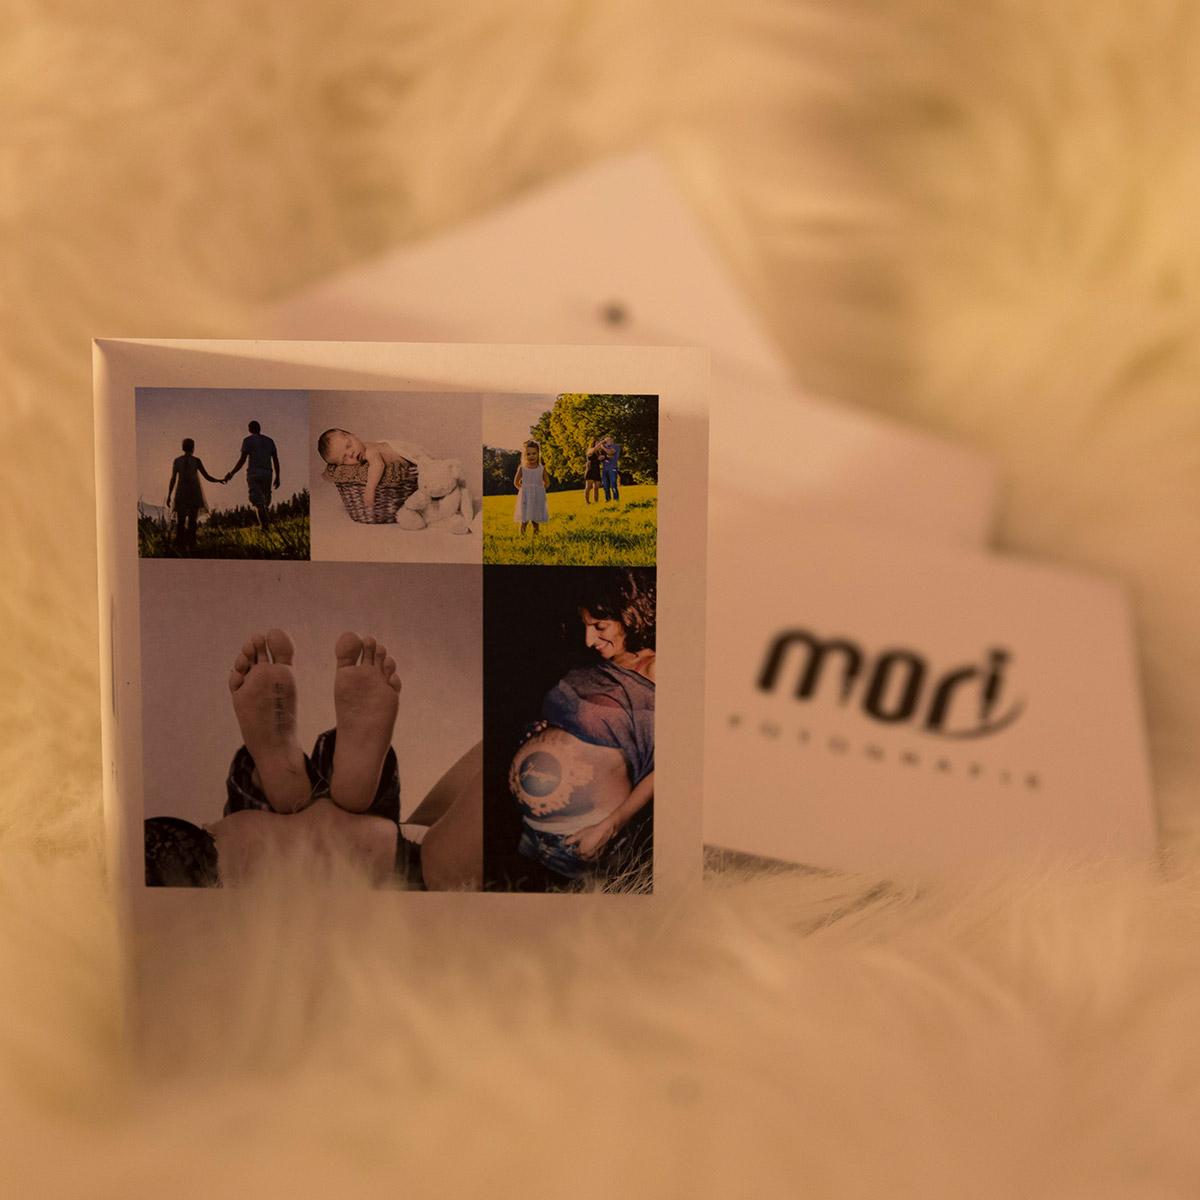 Fotoshooting bei MORI Werbung & Fotografie in der Aschausiedlung in Bad Ischl